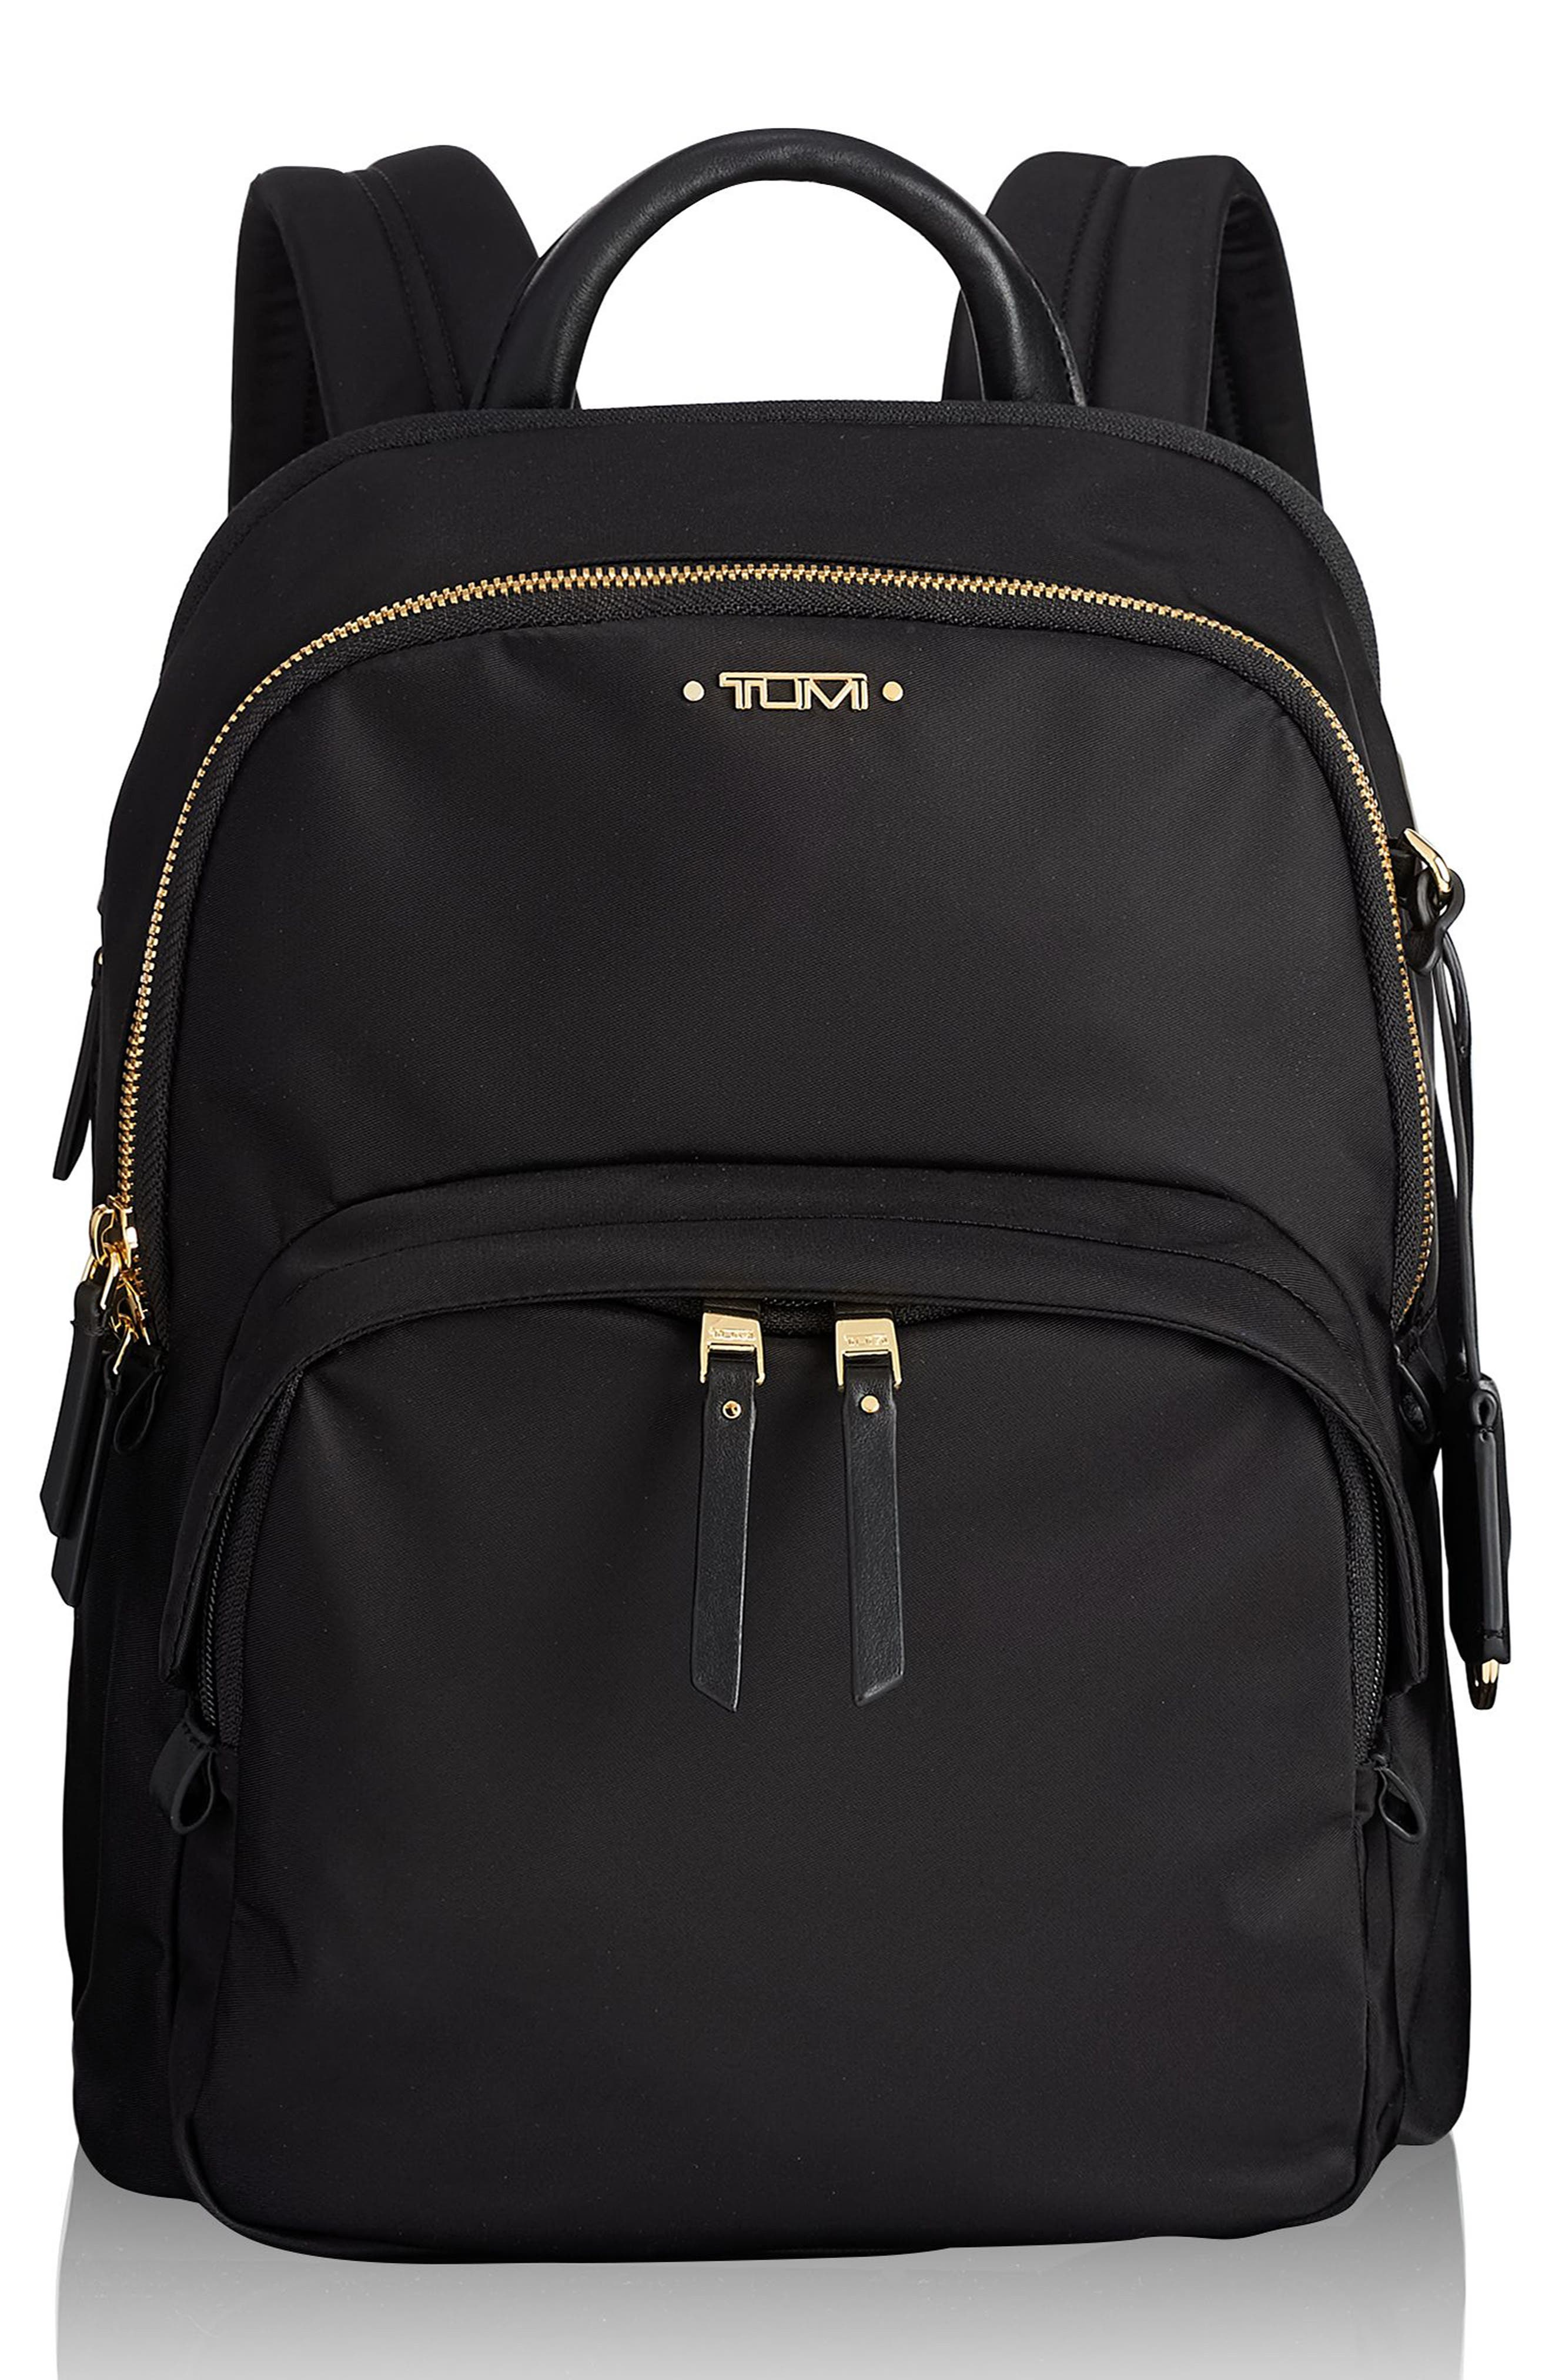 TUMI Voyageur Dori Nylon Backpack, Main, color, BLACK